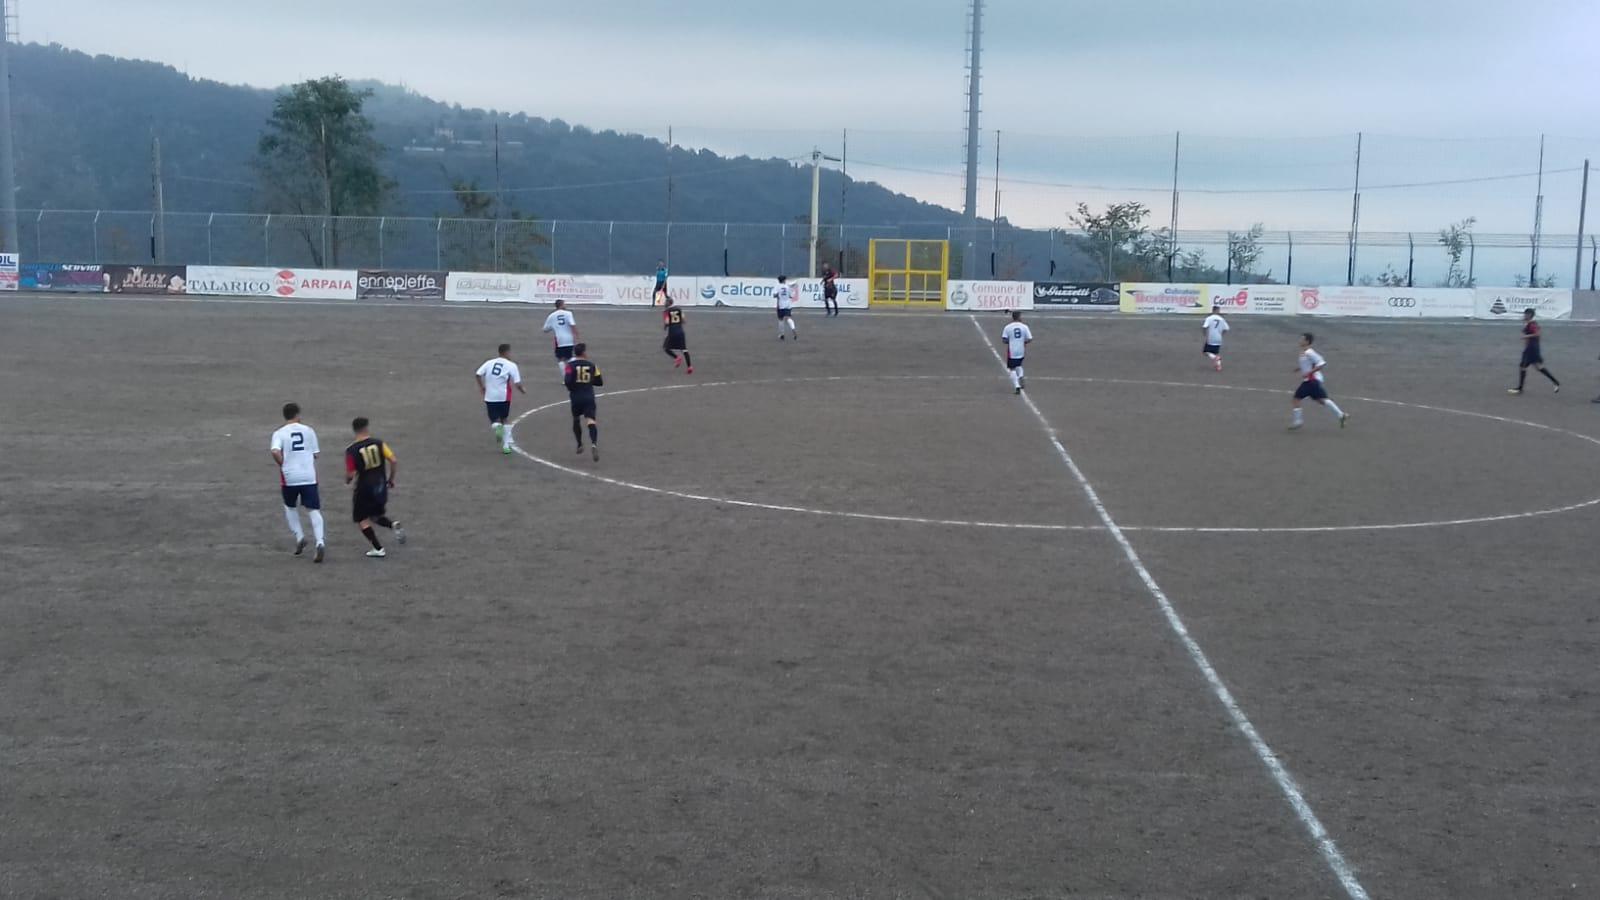 Sersale - Isola, Coppa Italia